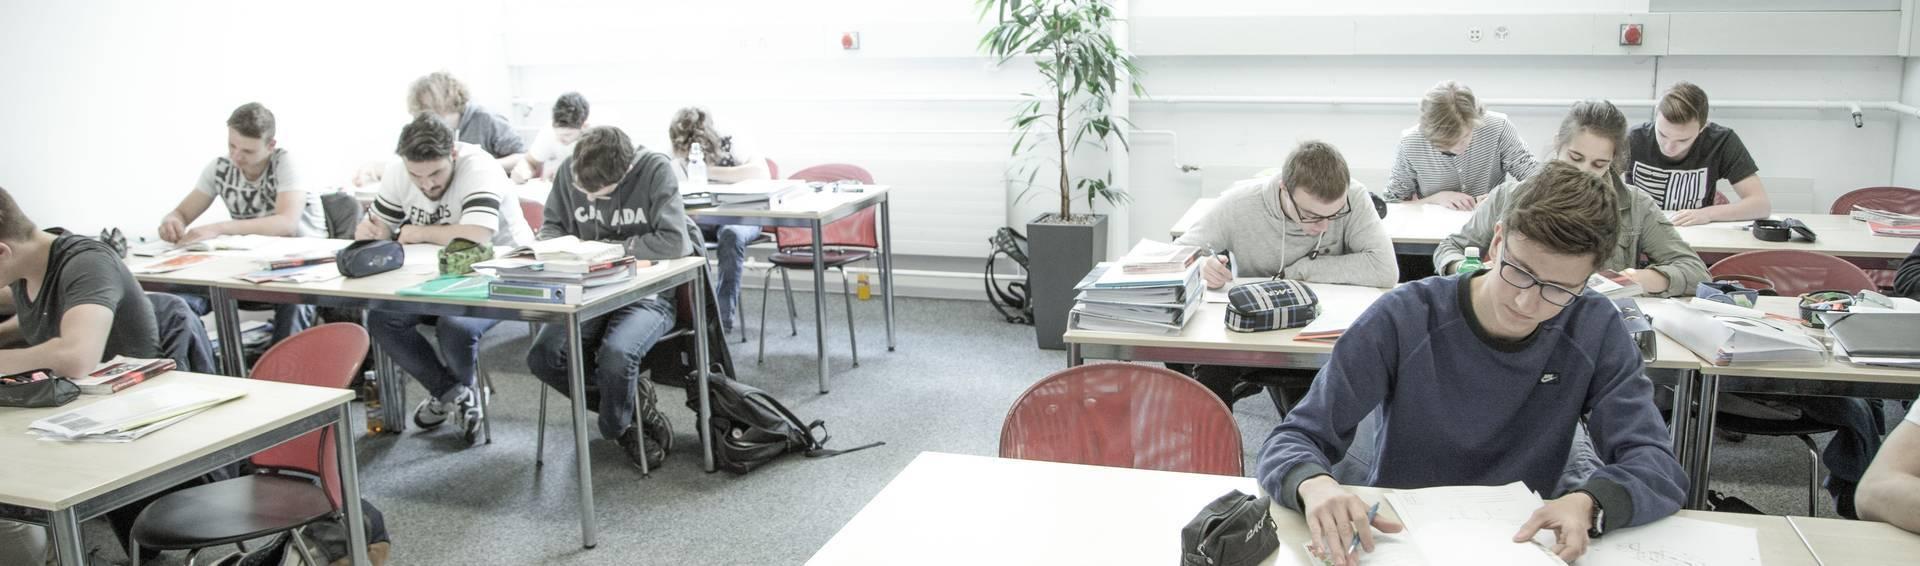 Konstrukteur/in EFZ: Schule